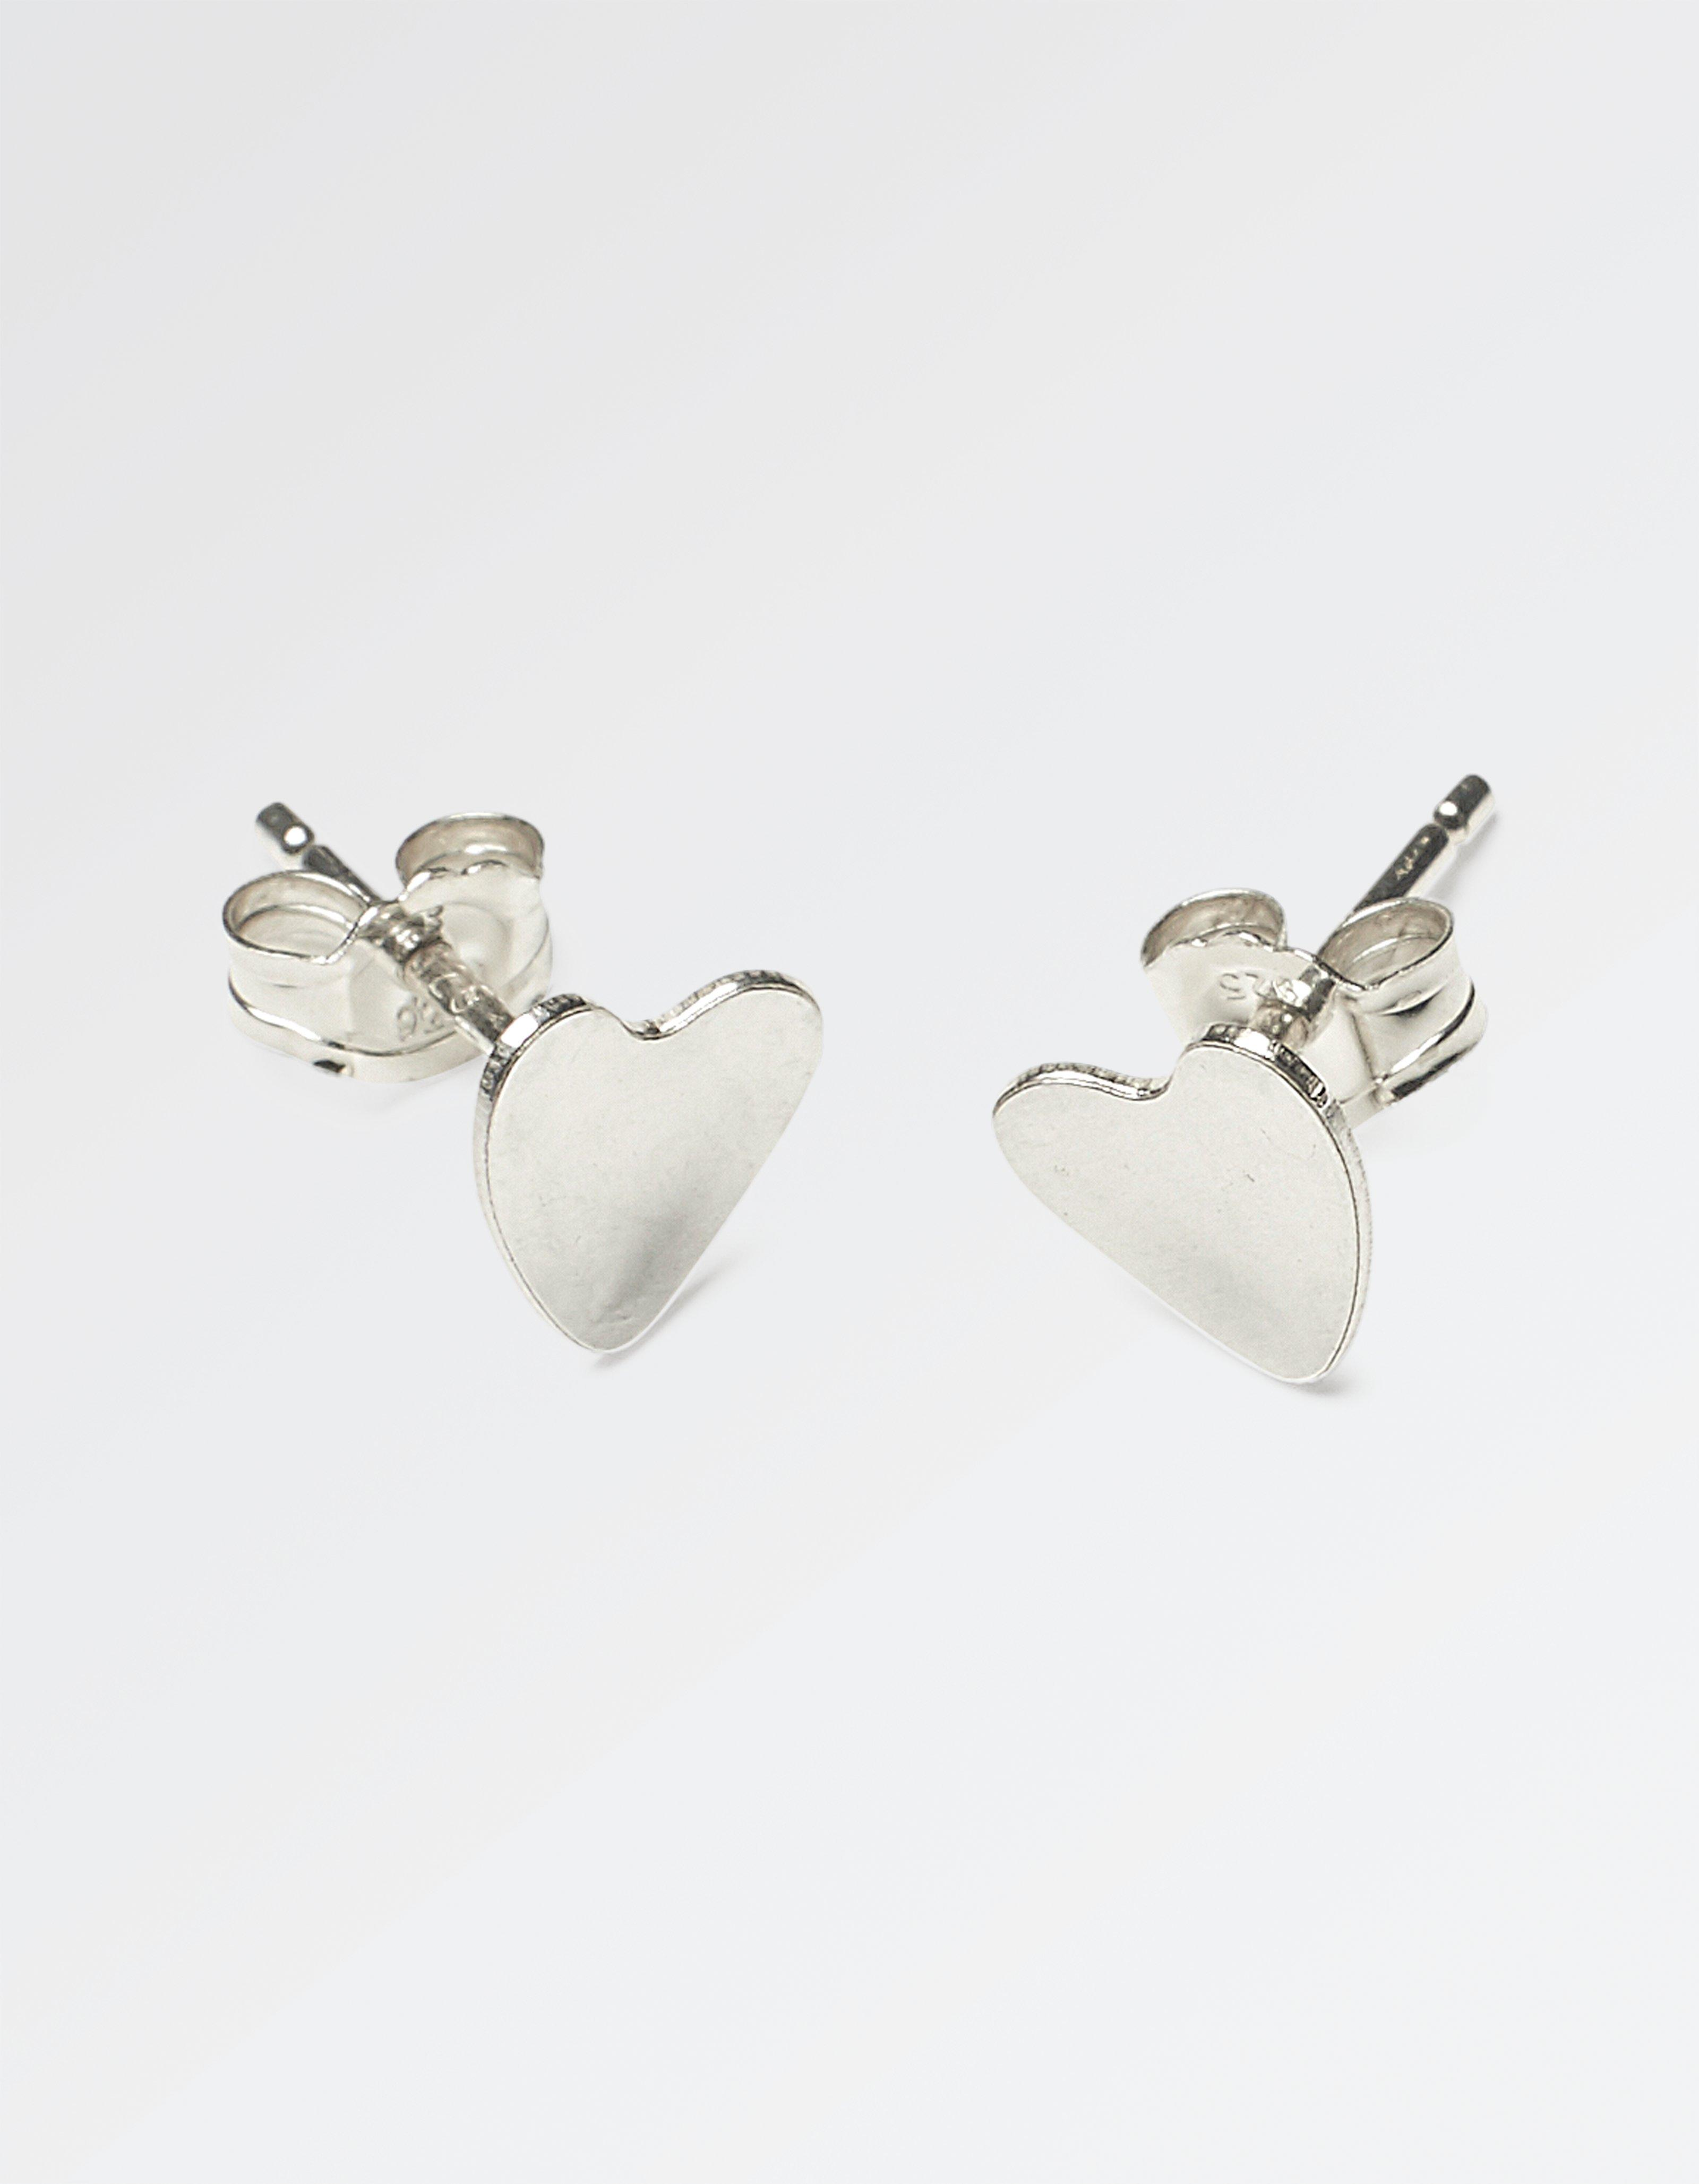 The Old Farmhouse Heart Stud Earrings